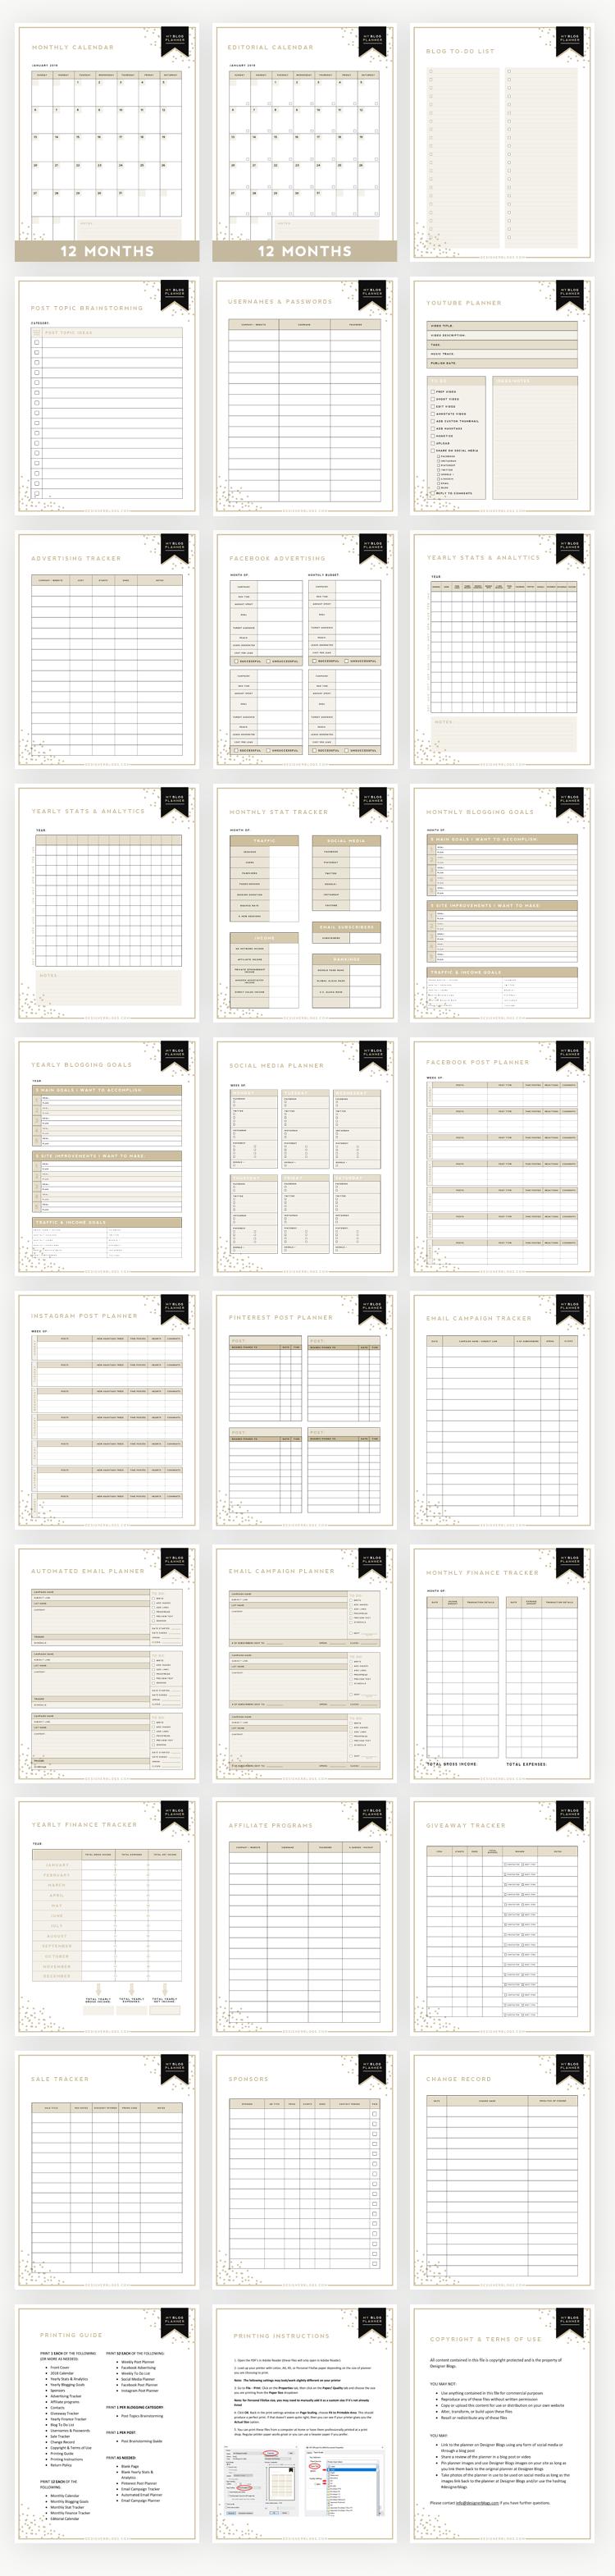 Blog Planner Extension Package - Designer Blogs